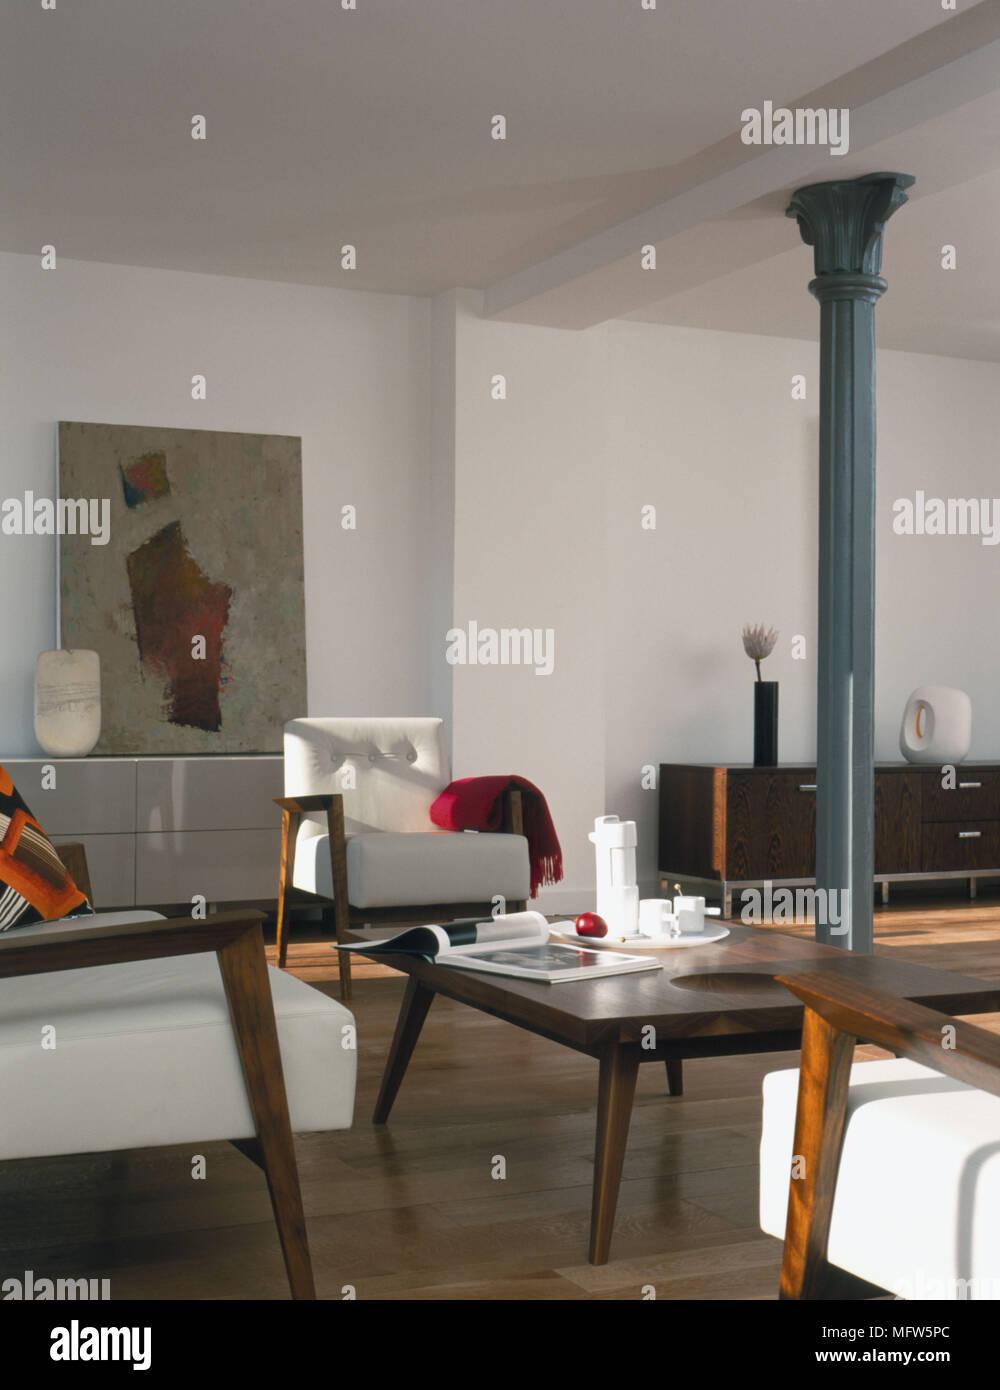 Un moderno salotto contemporanea con tavolo e sedie accanto a una ...